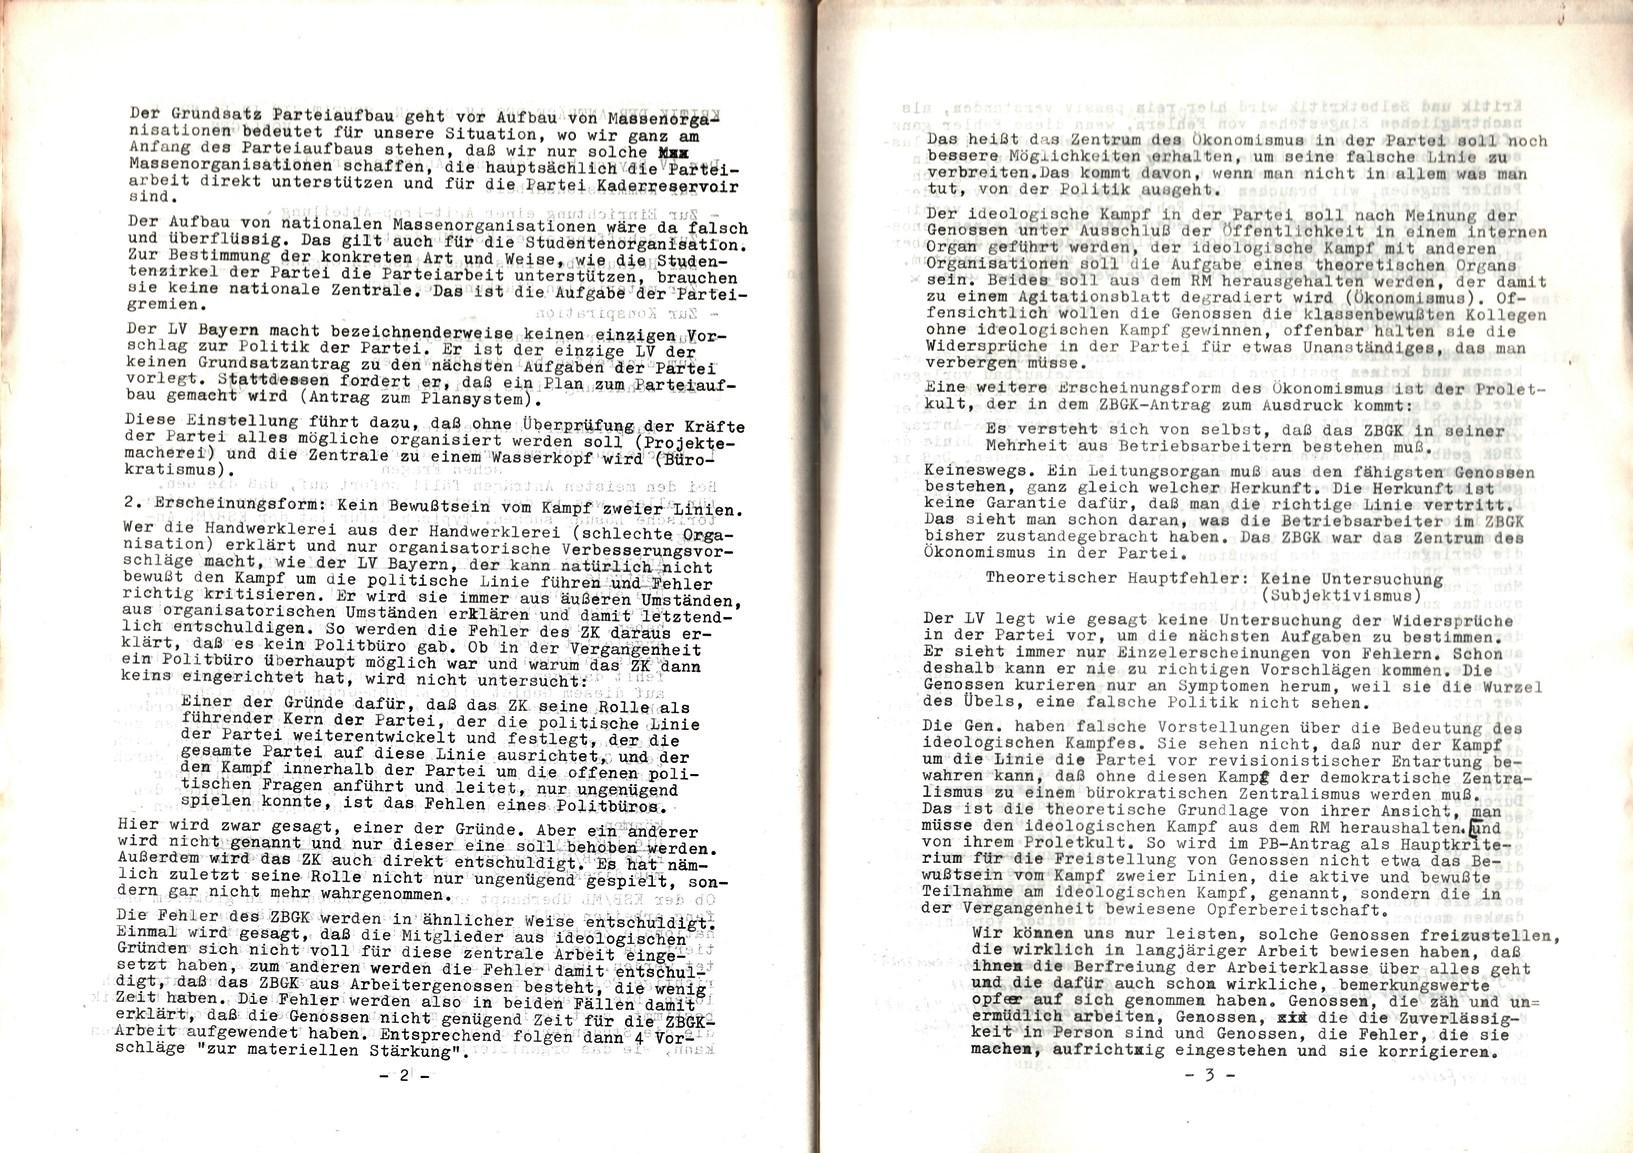 KPDML_1971_Analysen_und_Antraege_des_LV_Sued_West_051